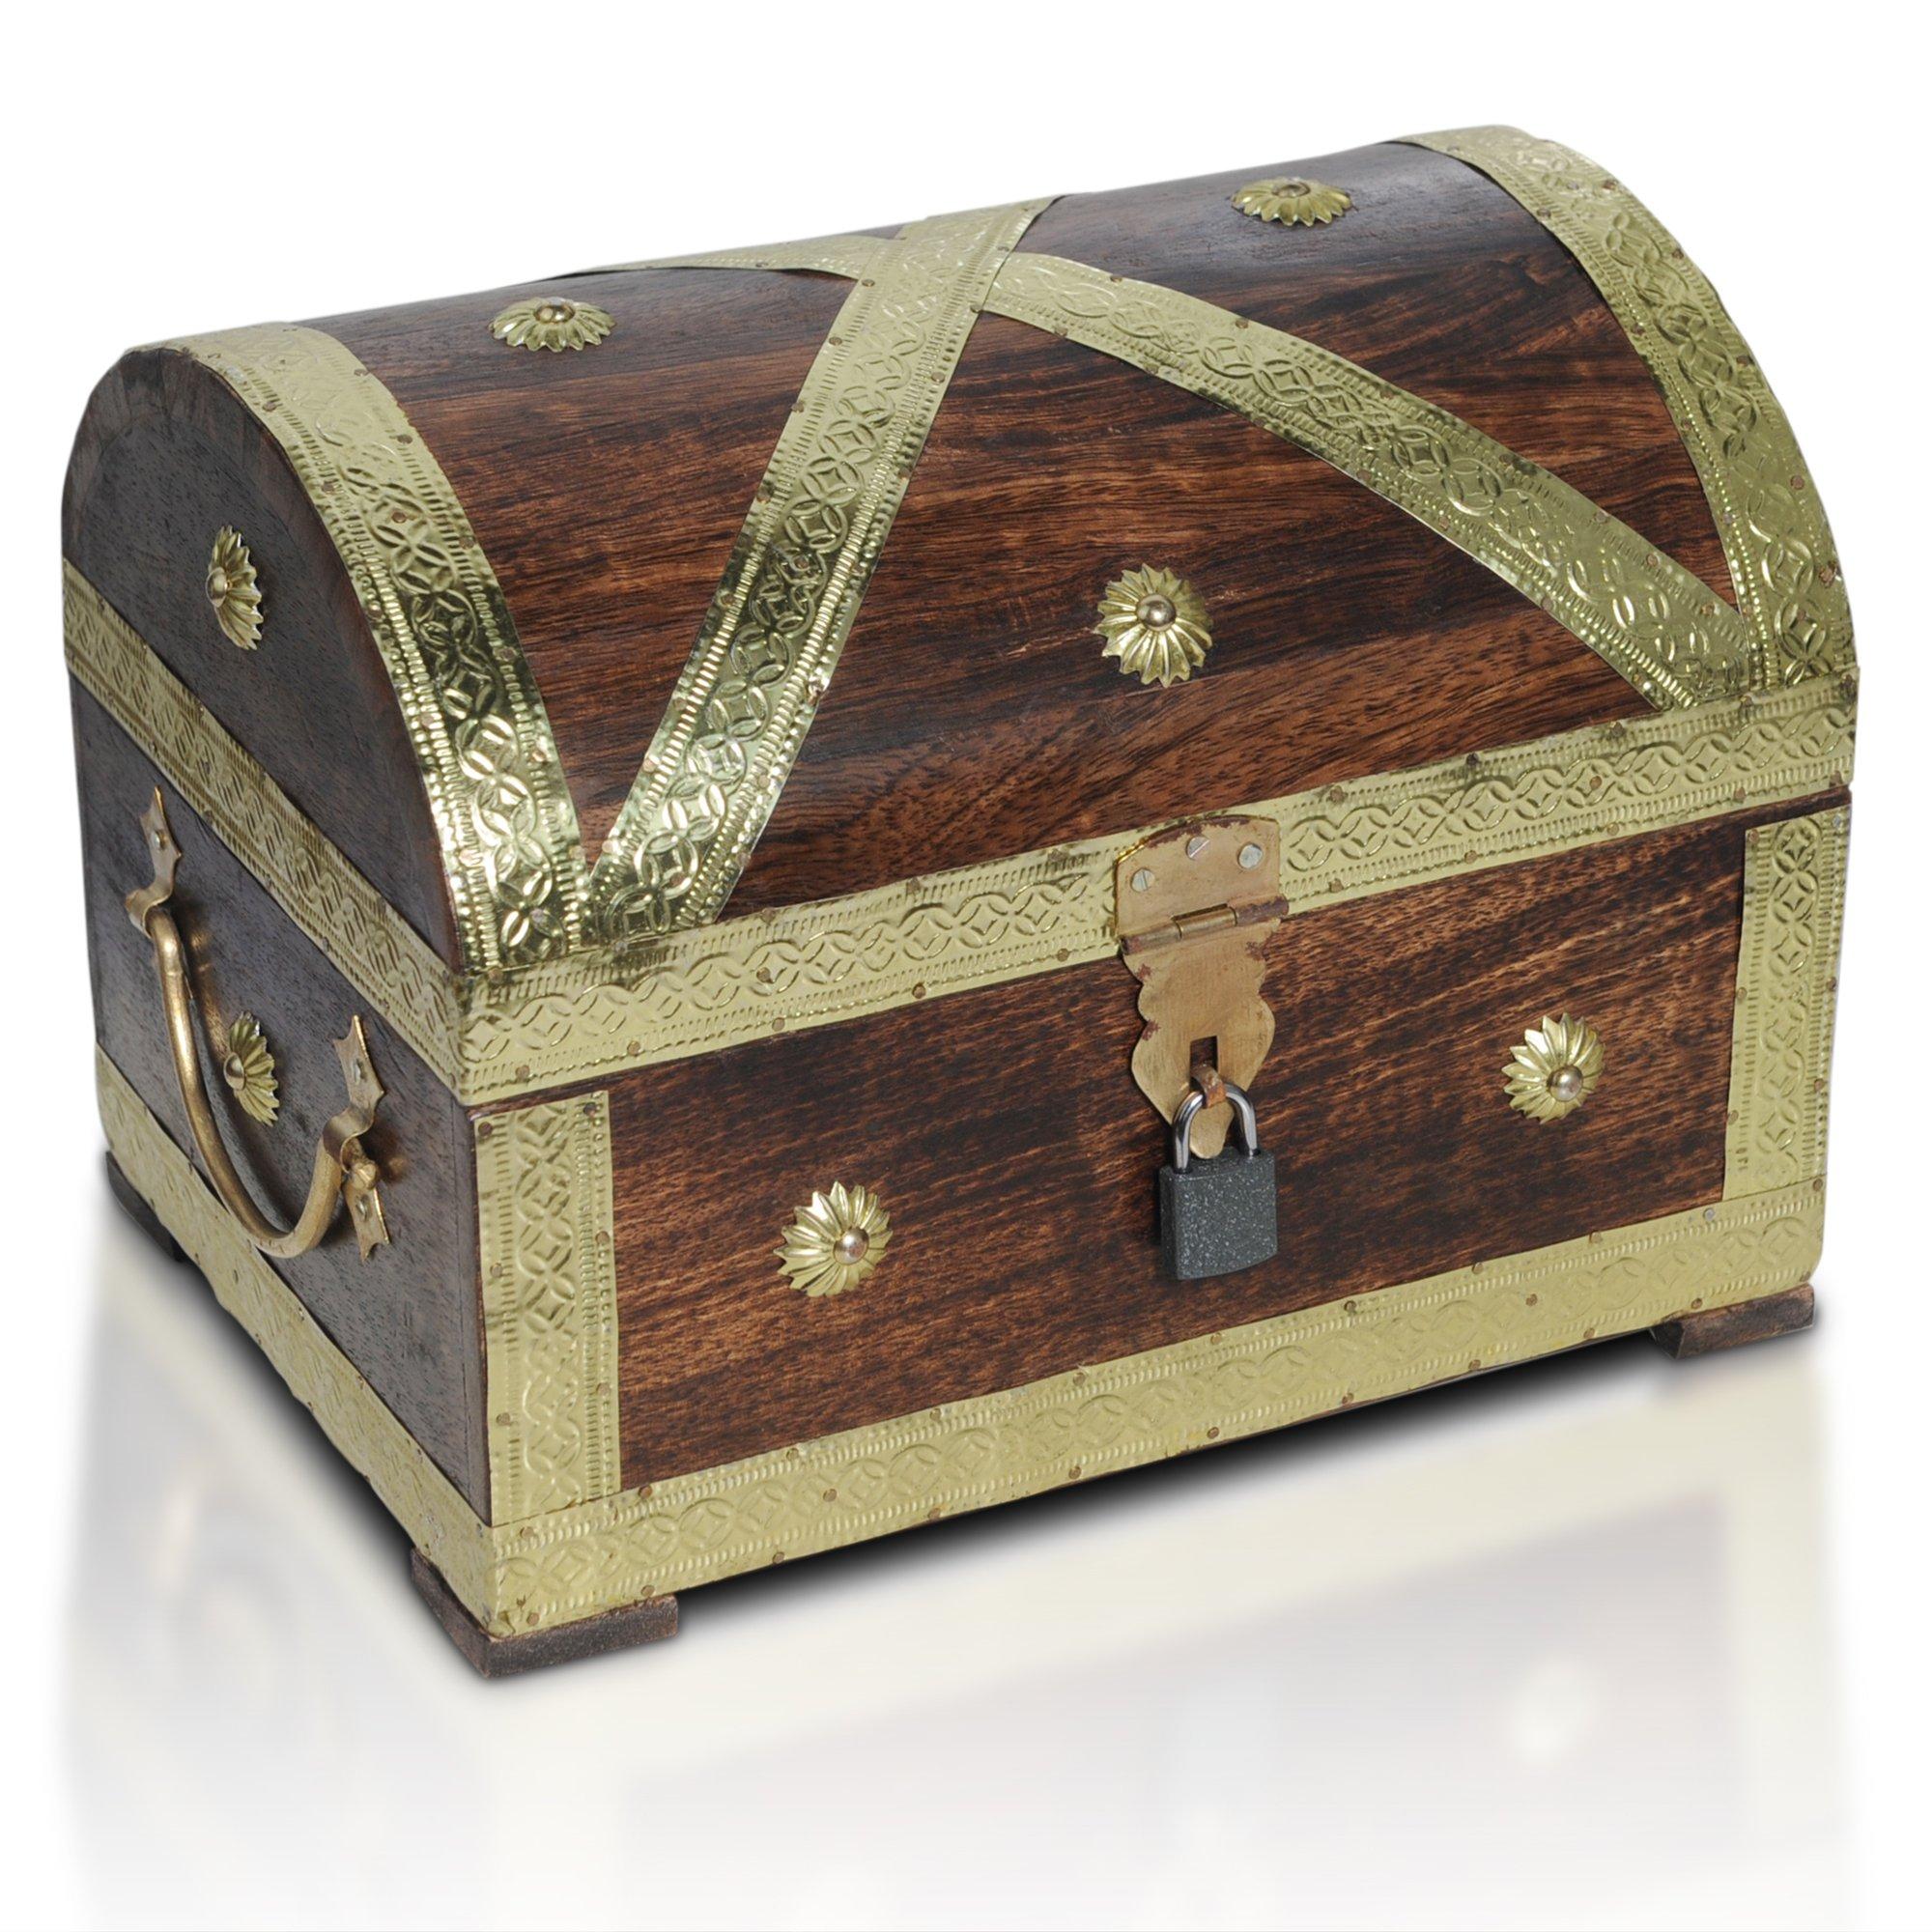 Brynnberg Caja de Madera Cofre del Tesoro Pirata de Estilo Vintage | Hecha a Mano |